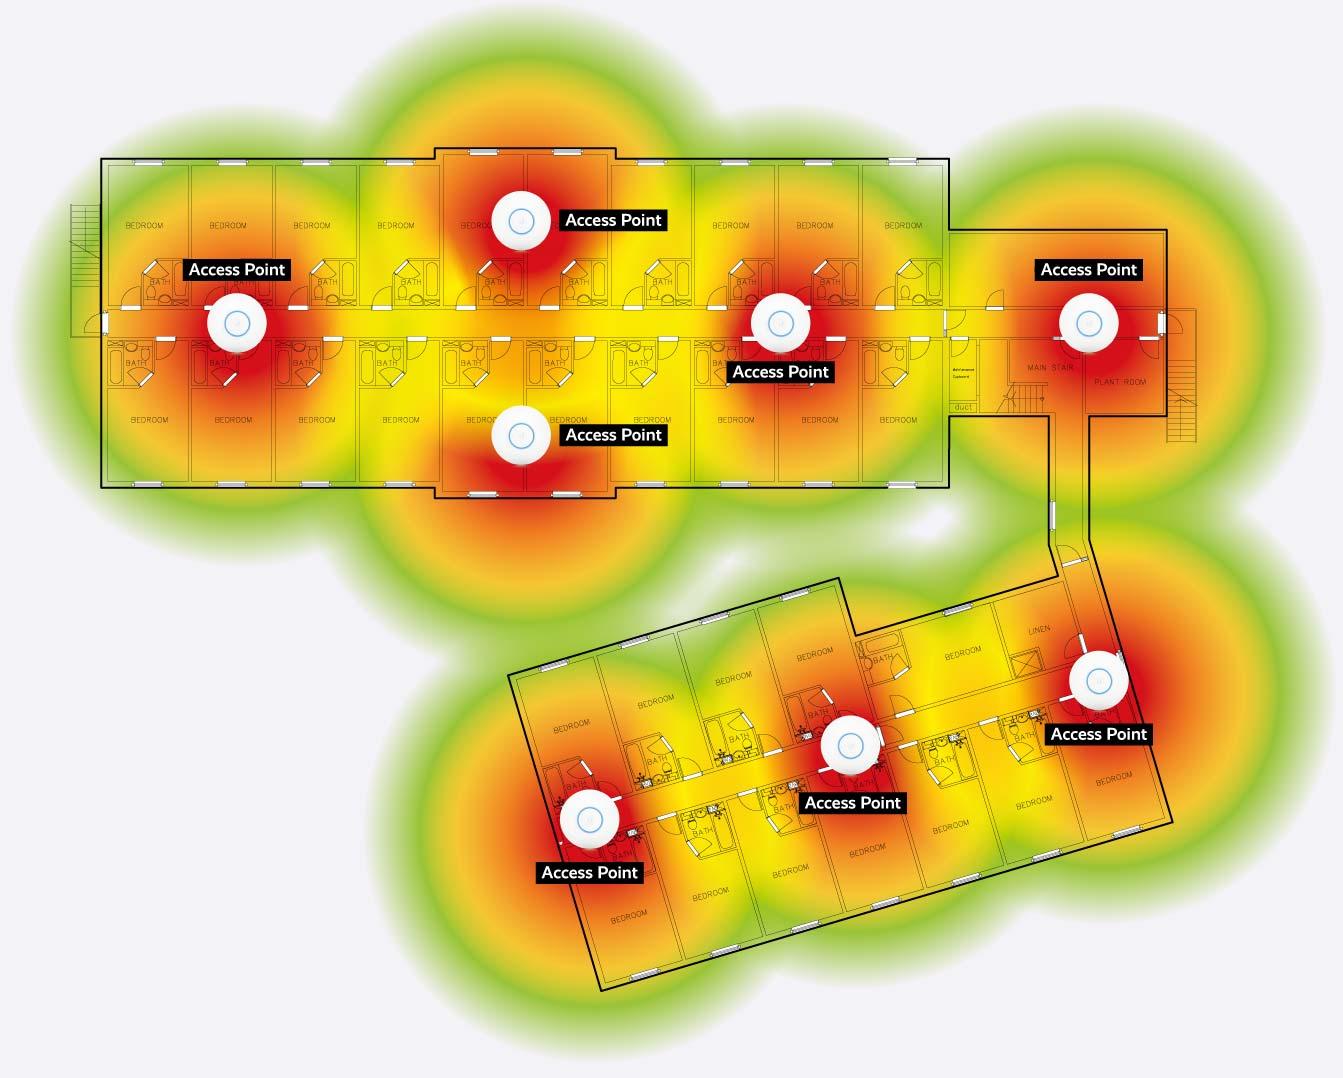 Hotel guest wifi network survey heatmap